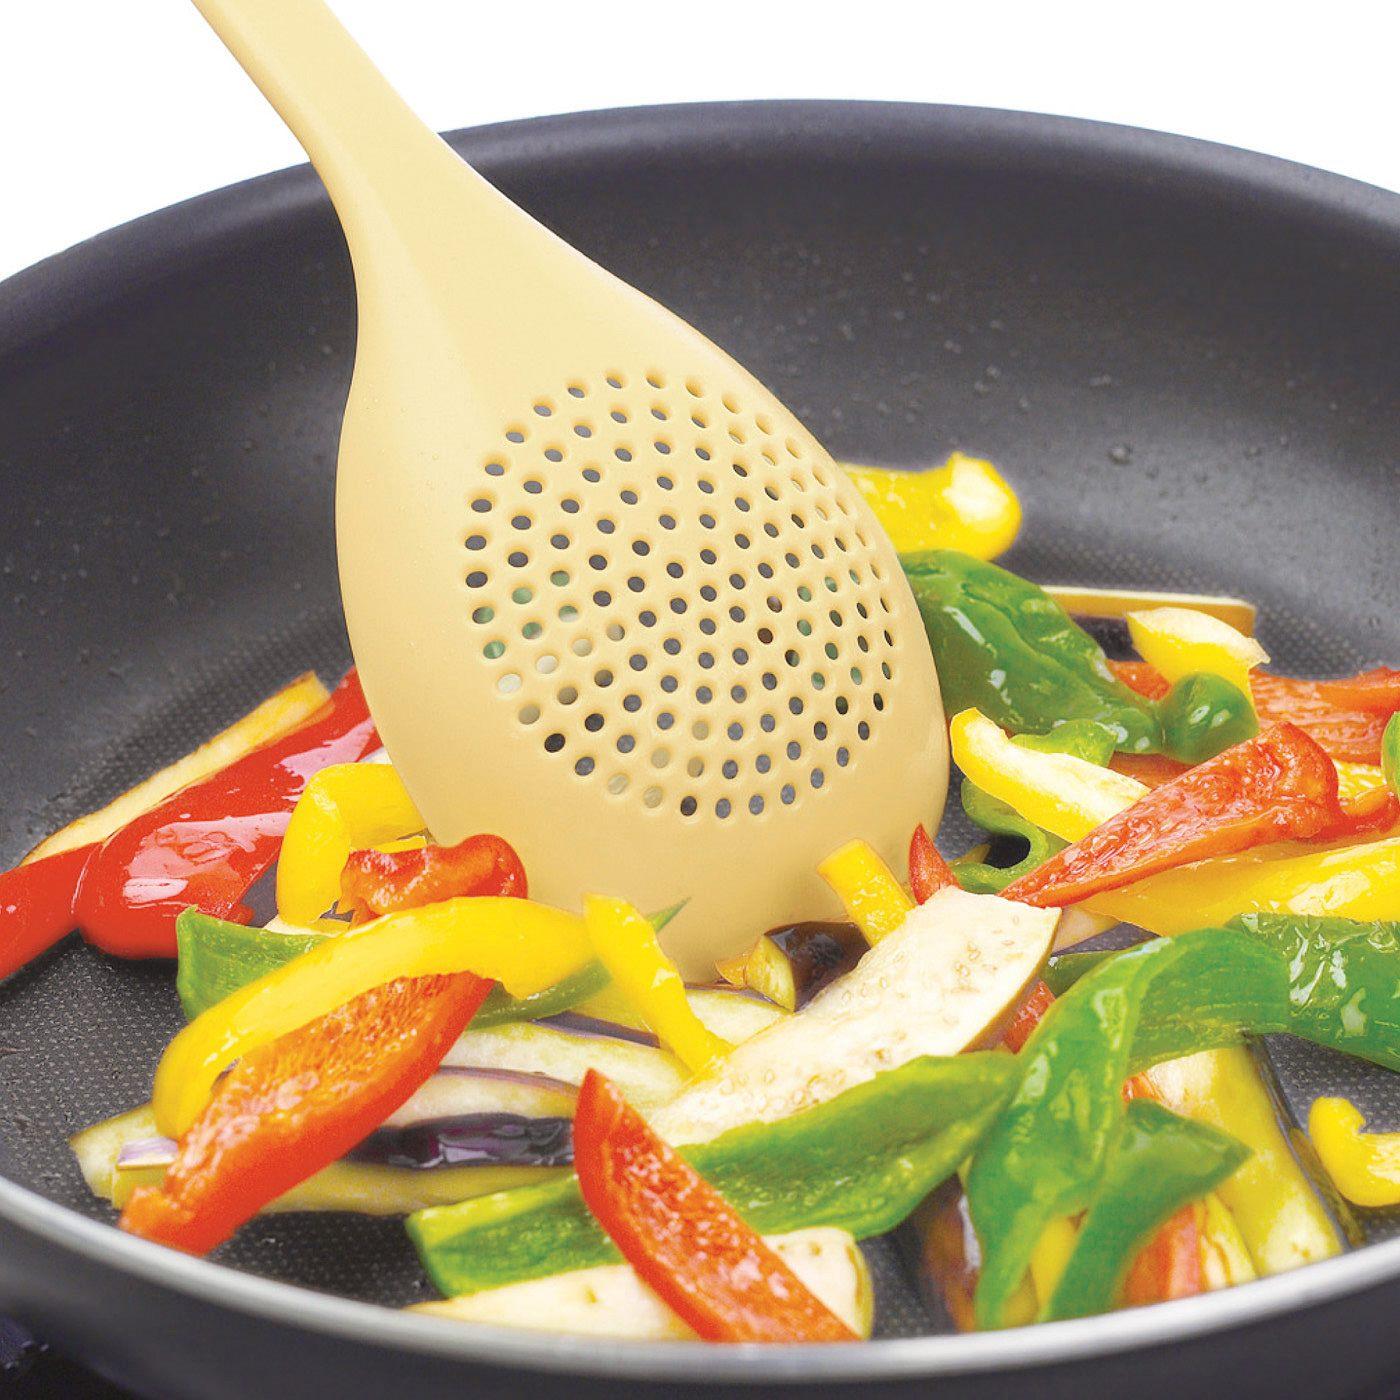 食材をいためやすいスプーン形状。フライパンが傷つきにくいナイロン製。